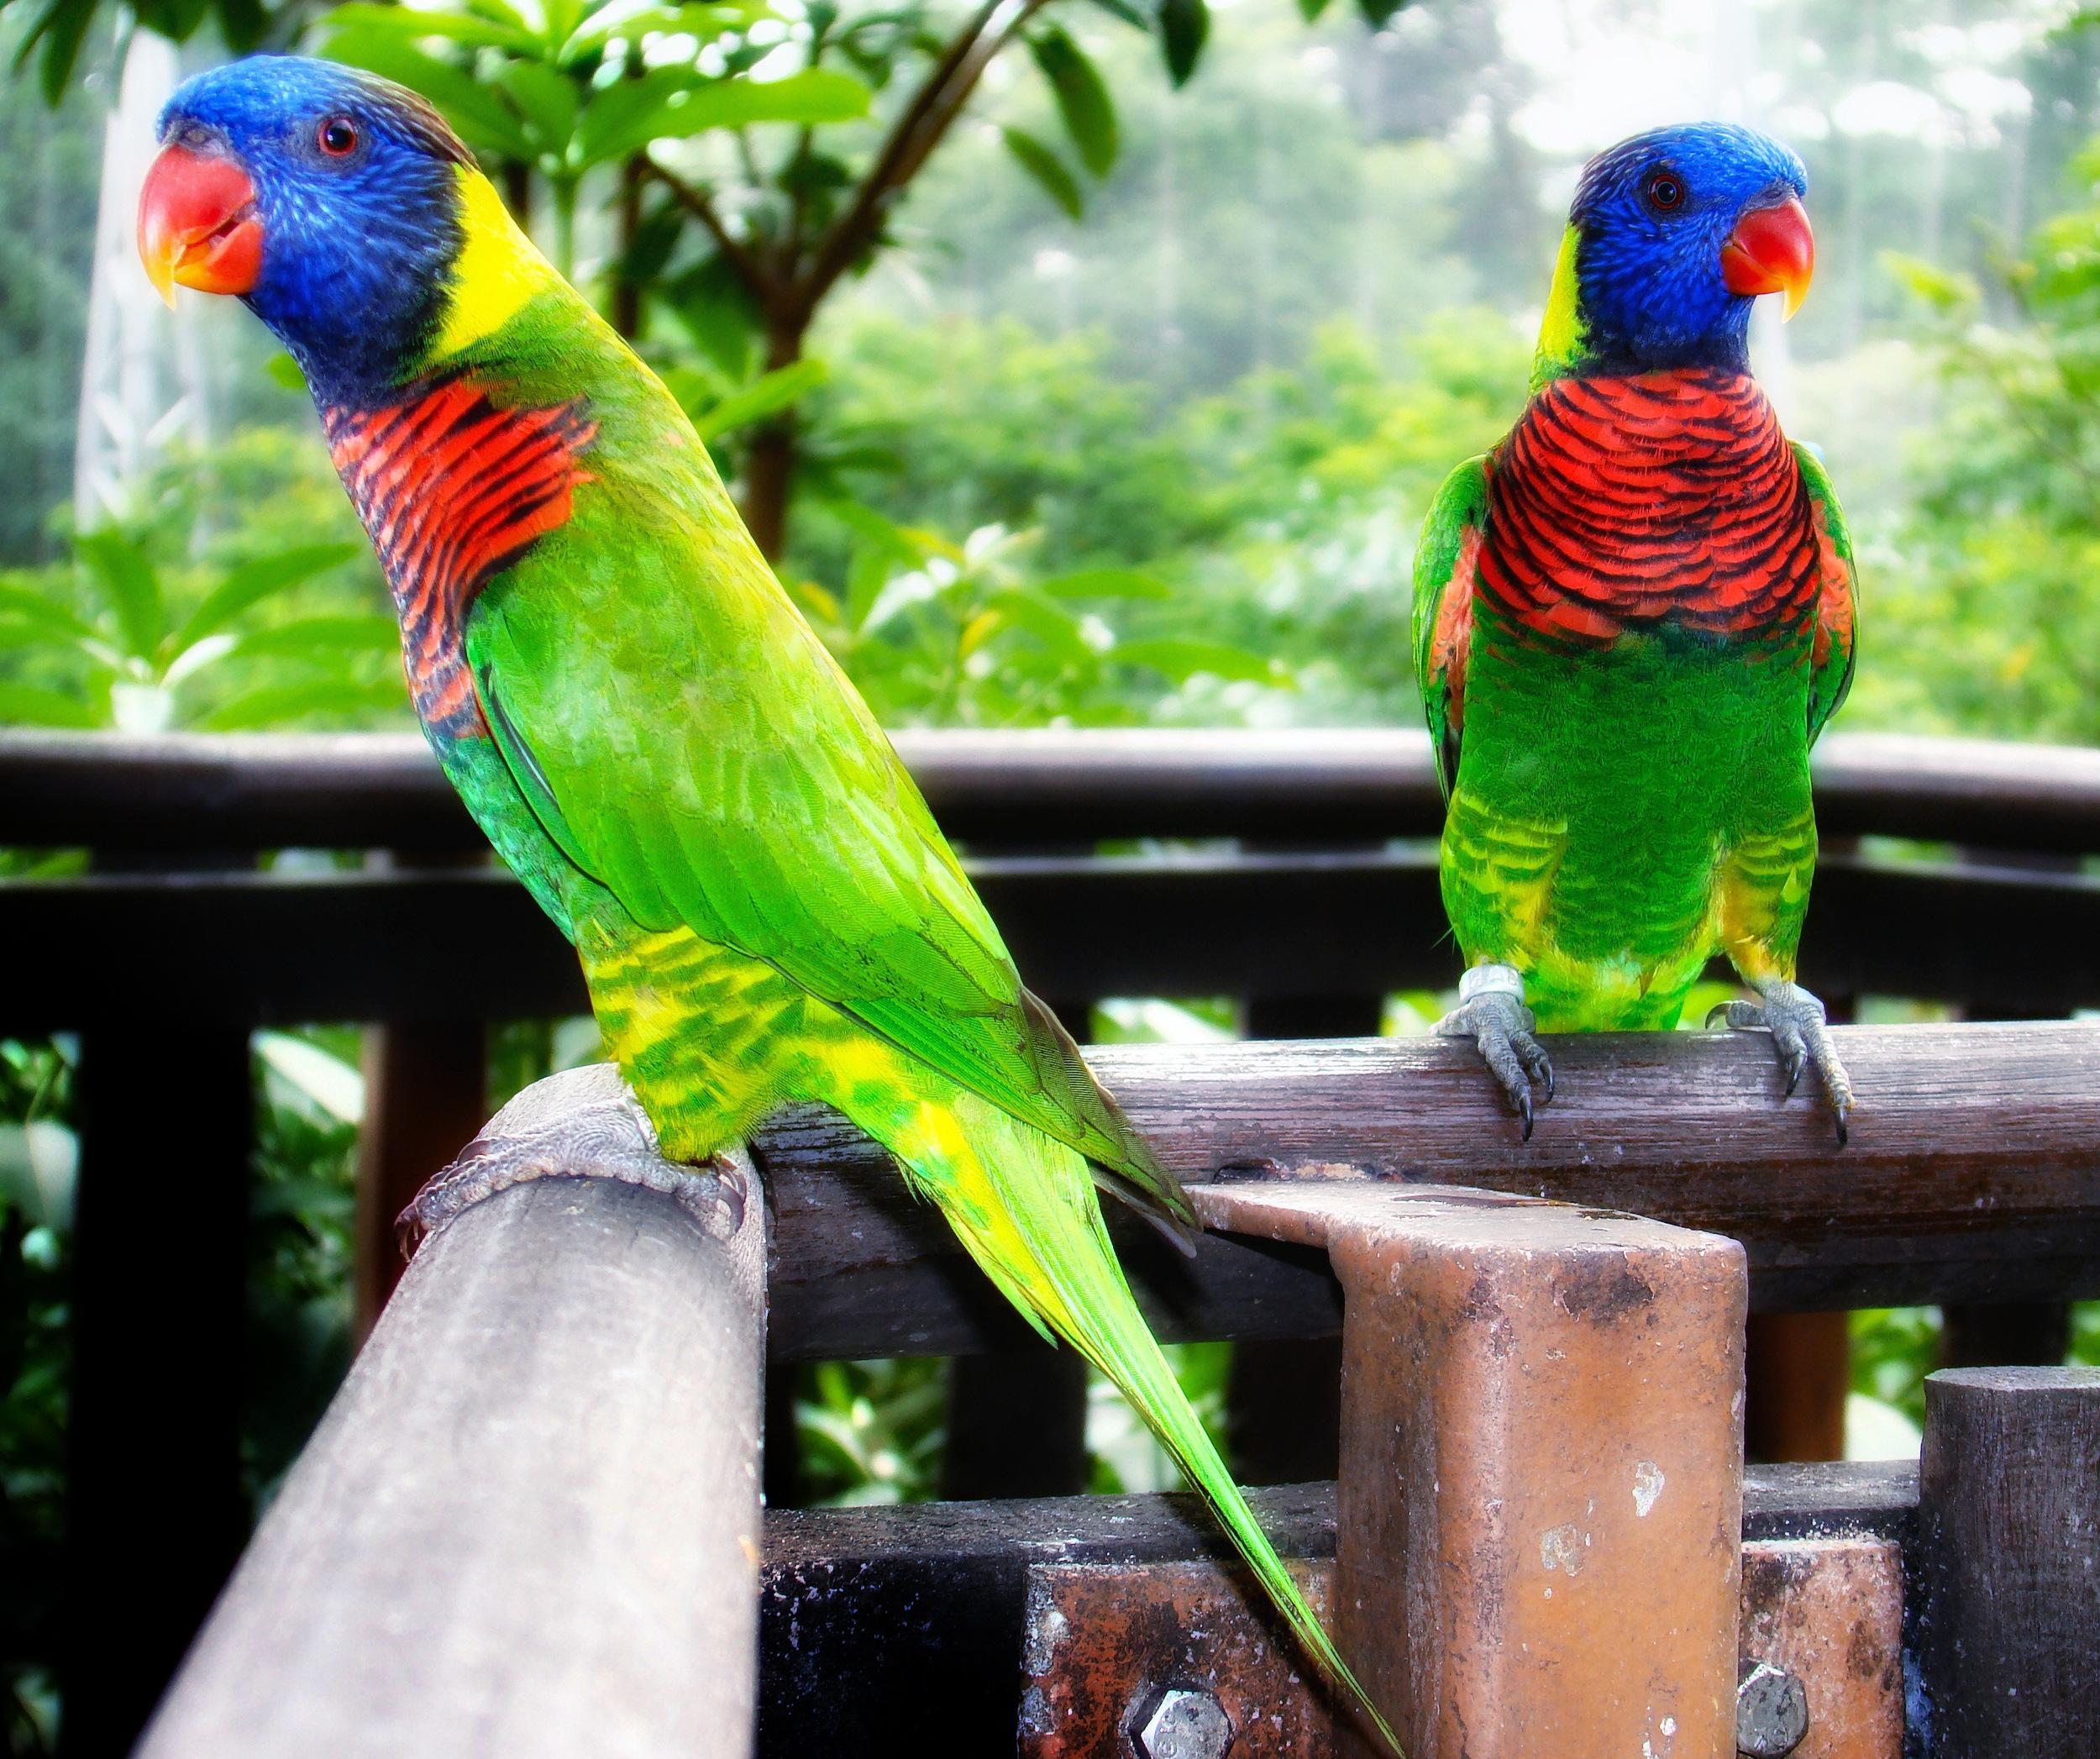 Rainbow-Lorikeets-in-Jurong-Bird-Park-2008.jpg